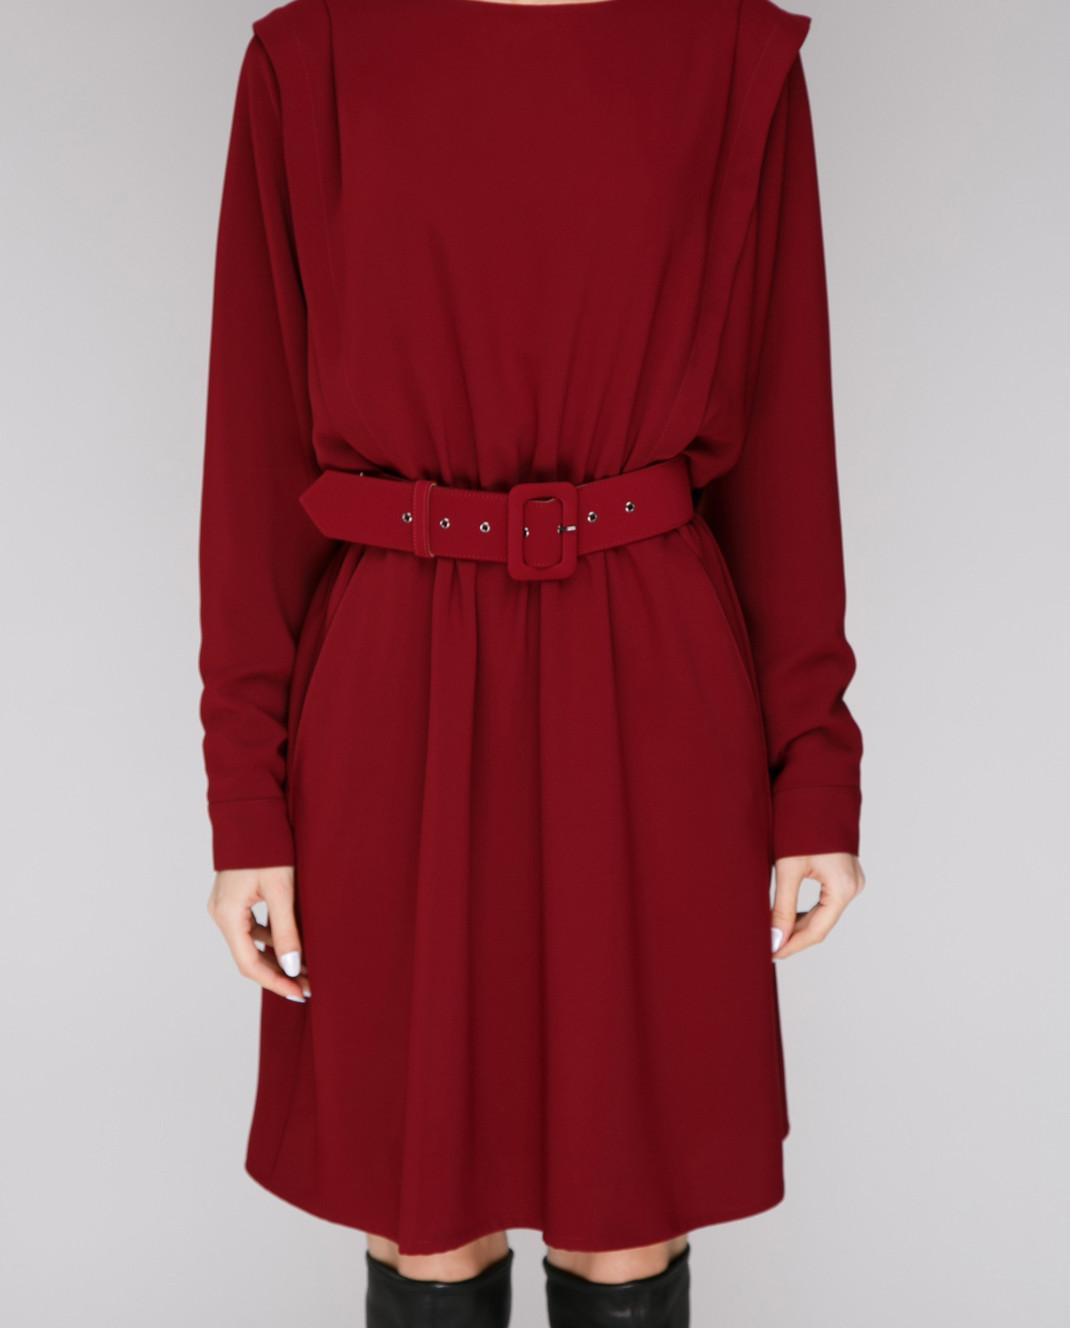 Alexander Terekhov Бордовое платье из шелка D7888007 изображение 3